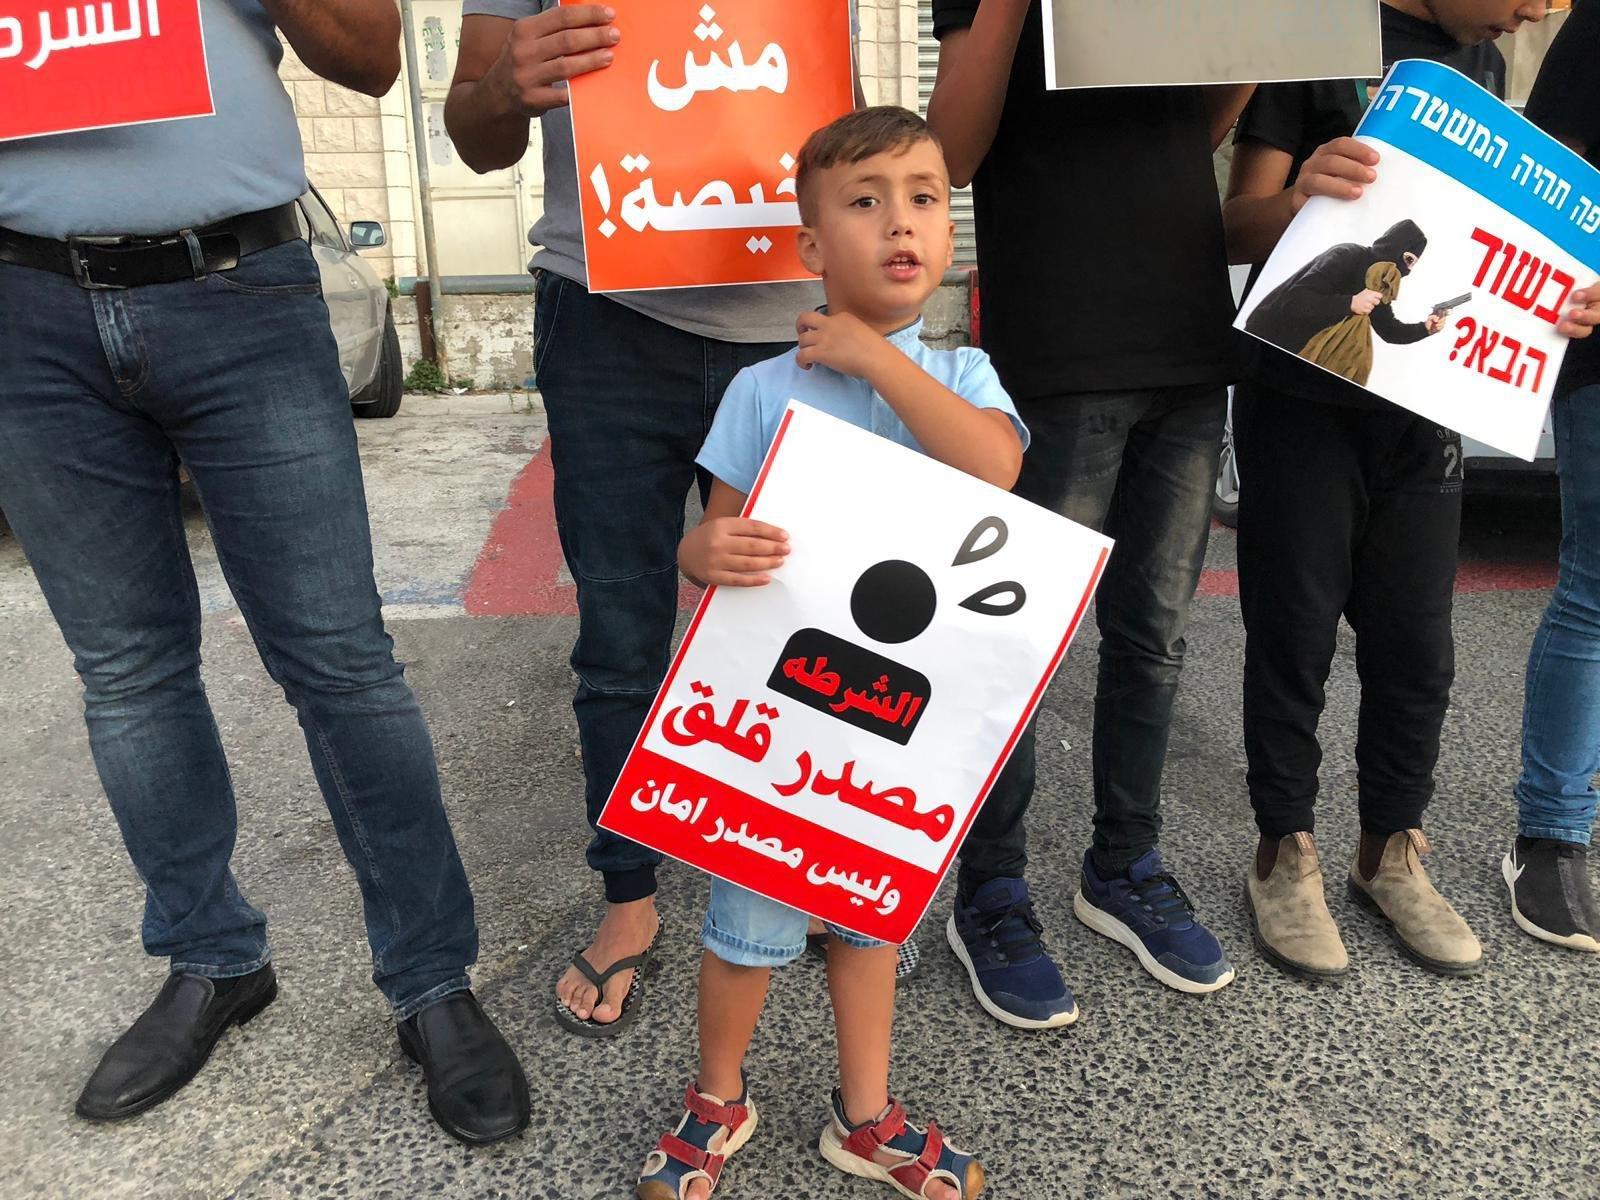 صرخة فحماوية غاضبة ضد العنف مقابل الشرطة-1